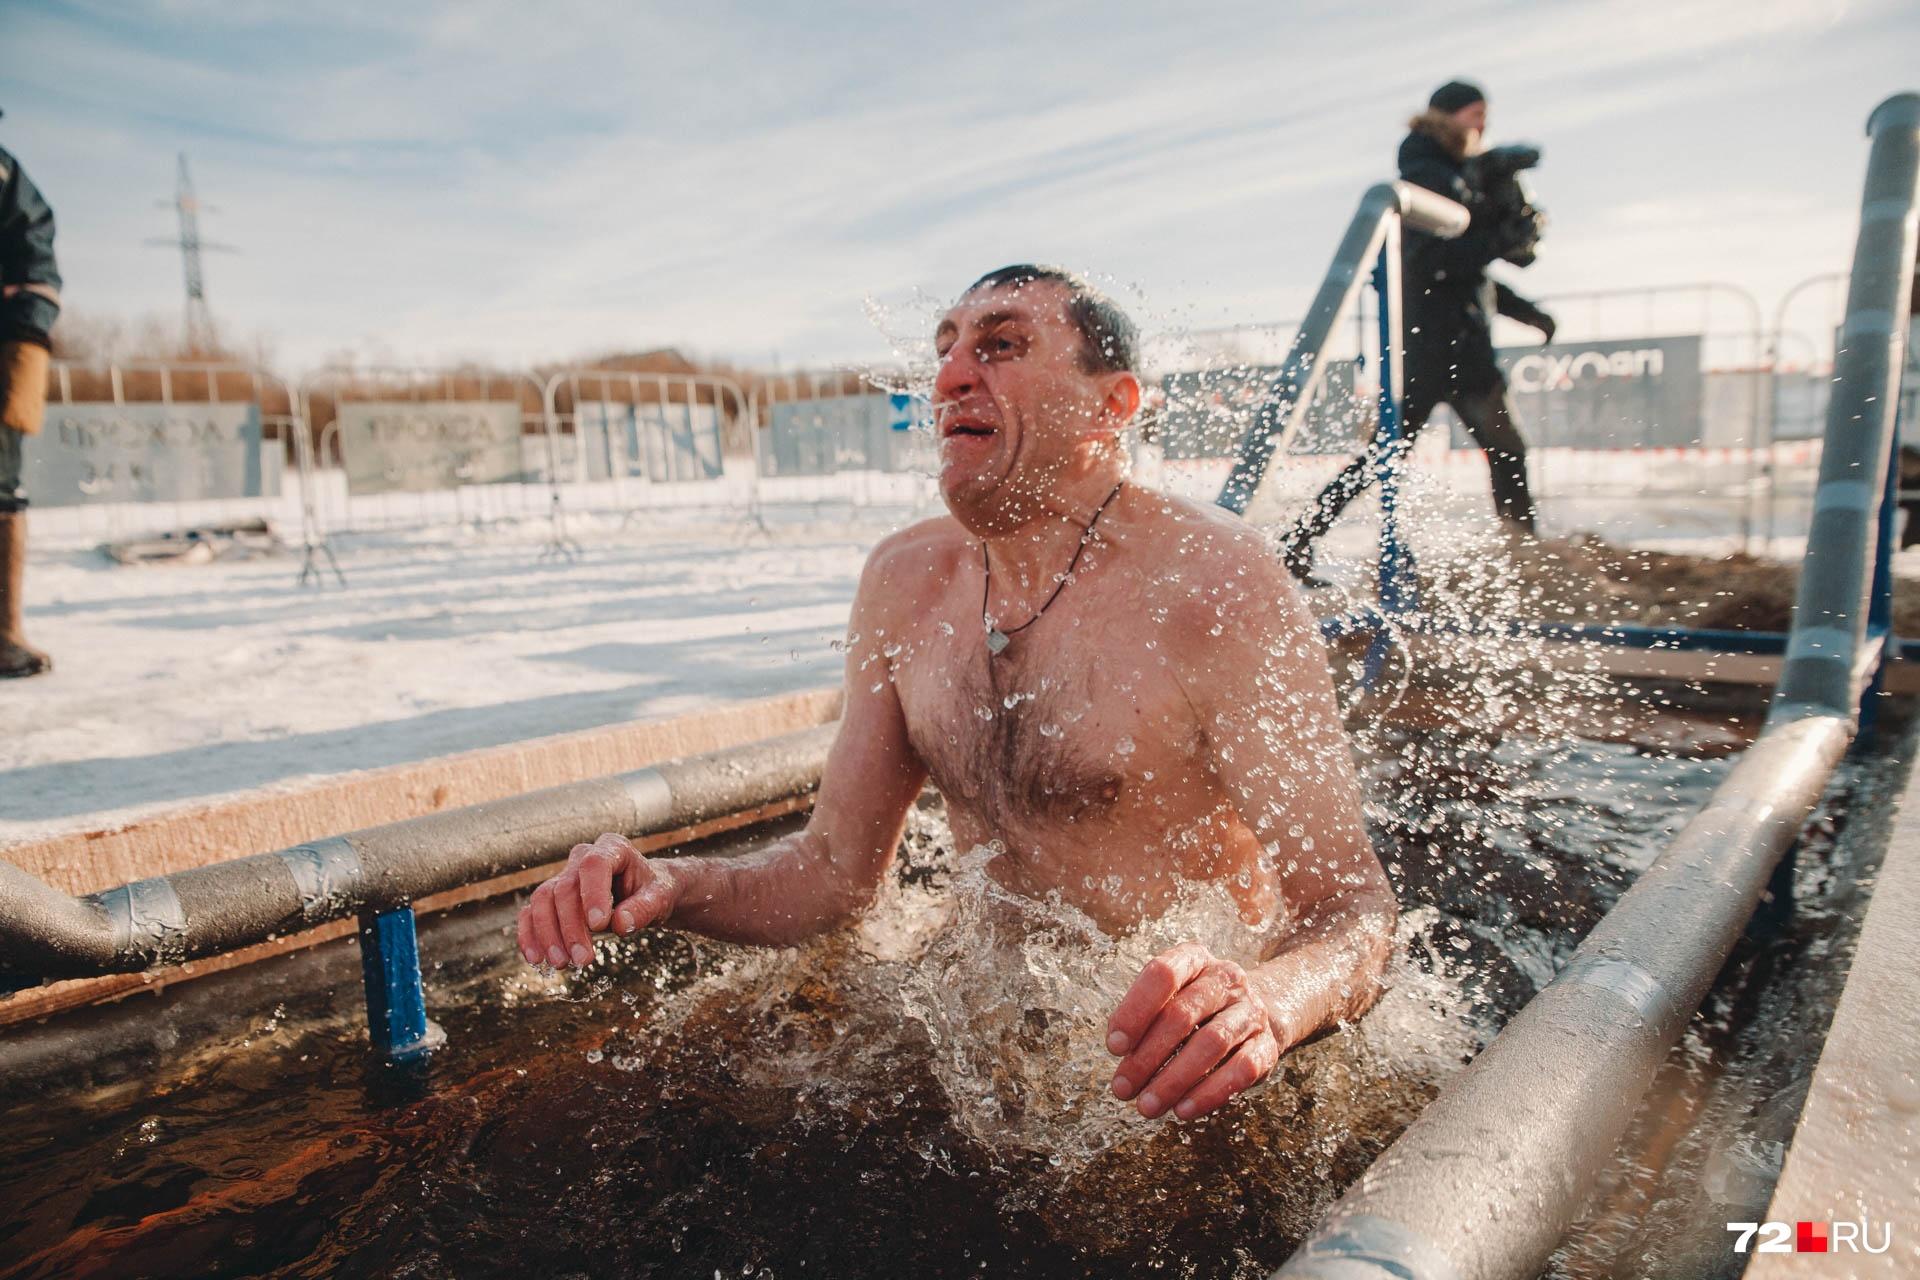 От таких моментов, запечатленных на фото, признаться, у нас захватывает дух. А вы когда-нибудь купались на Крещении? Расскажите о своих ощущениях в комментариях